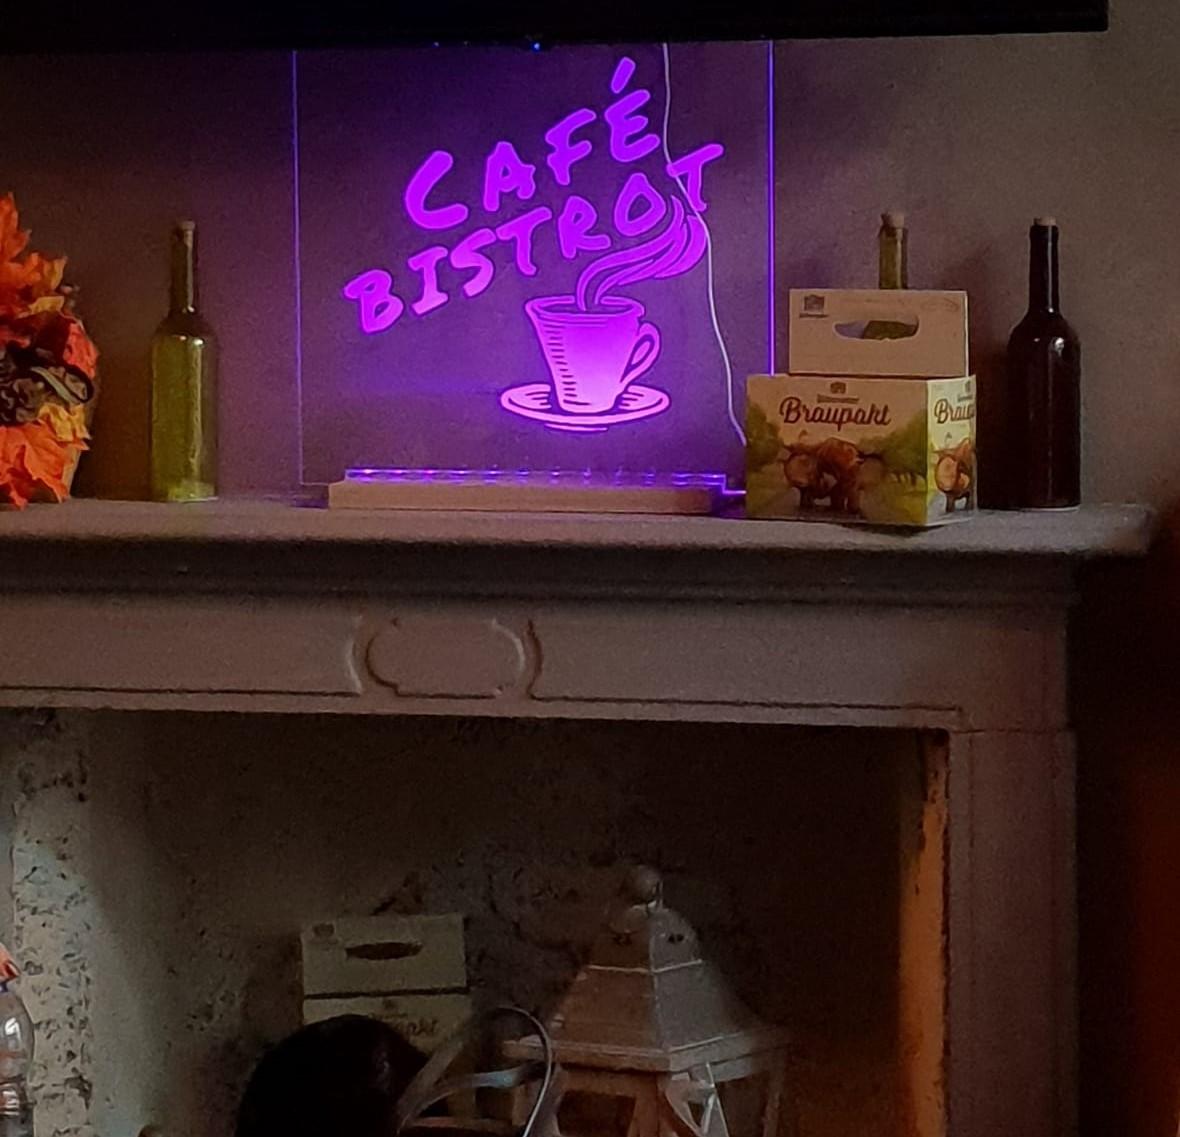 Backlight-Cafe-Bistrot